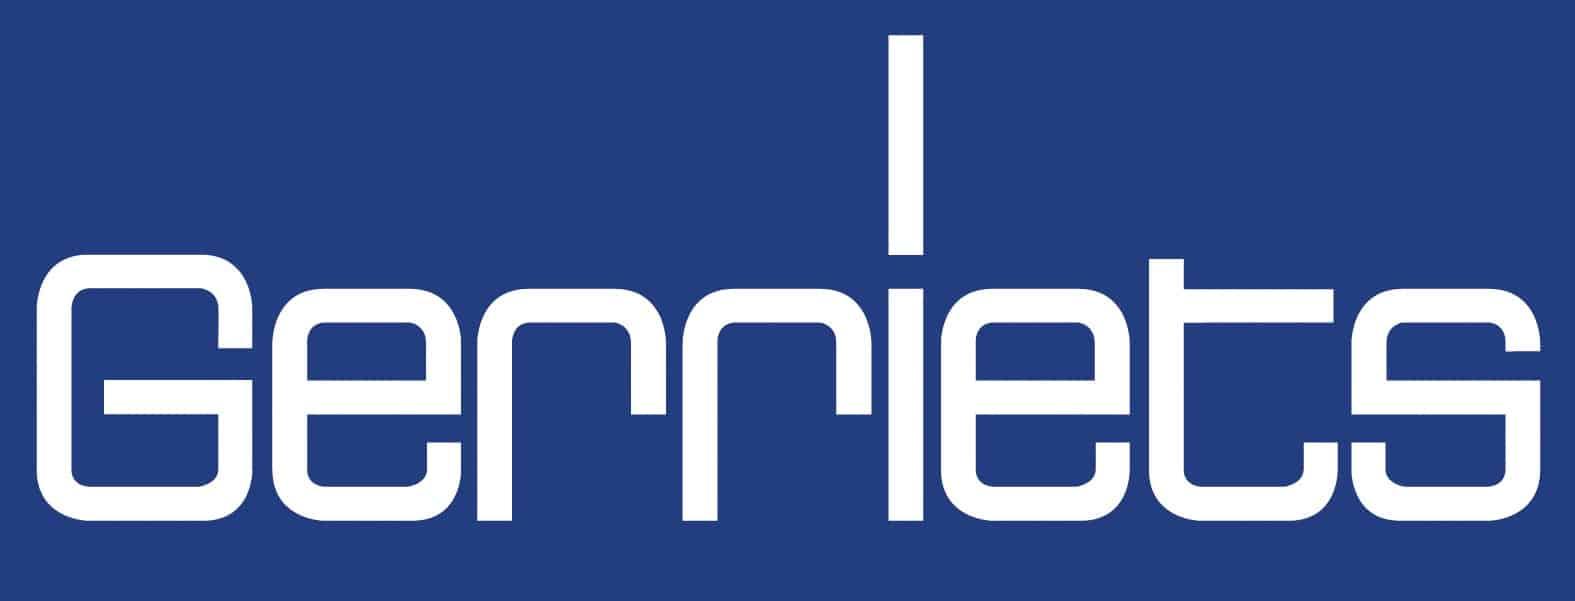 Gerriets logo